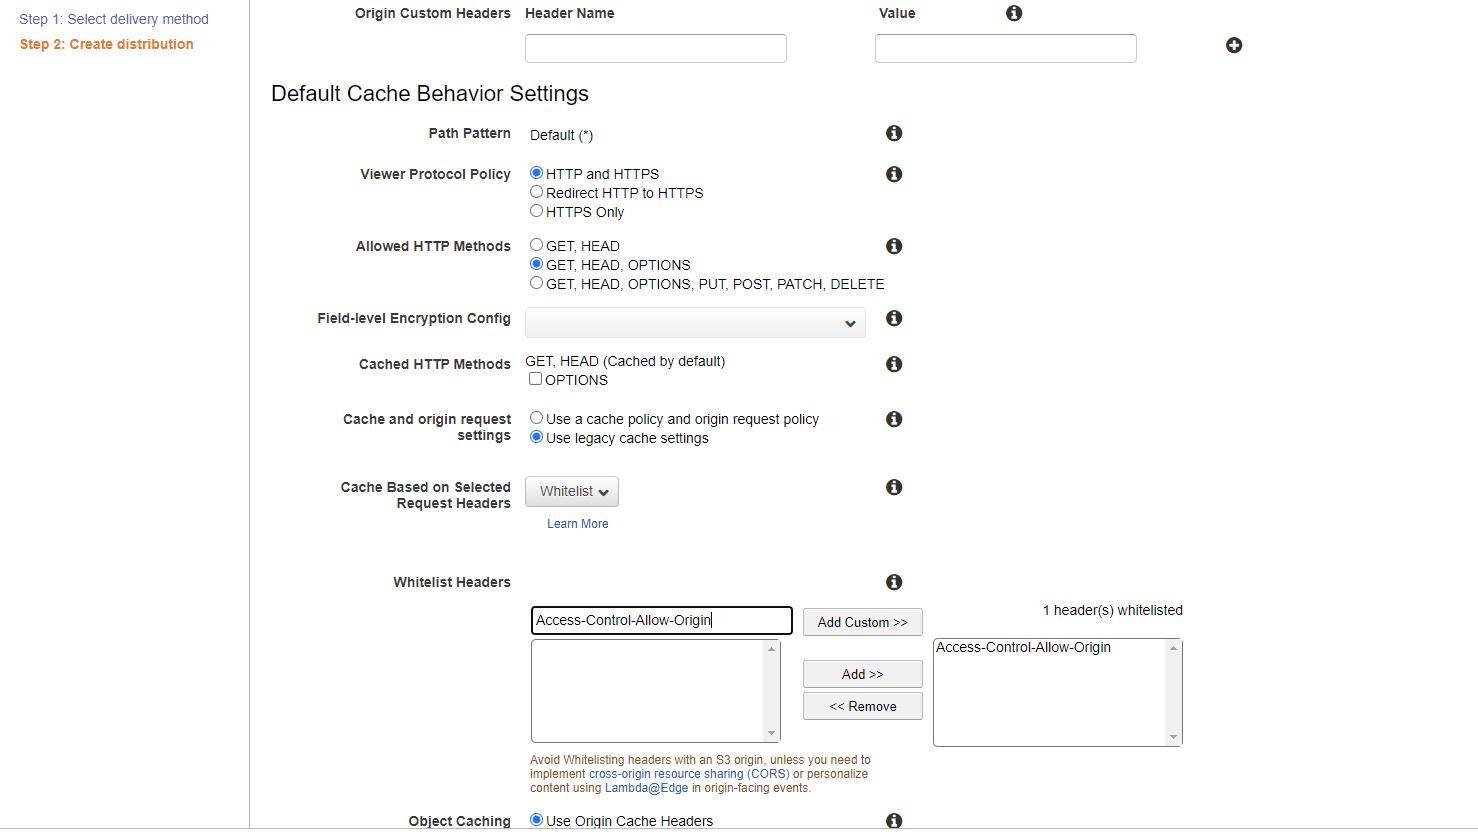 AWS CloudFront Default Cache